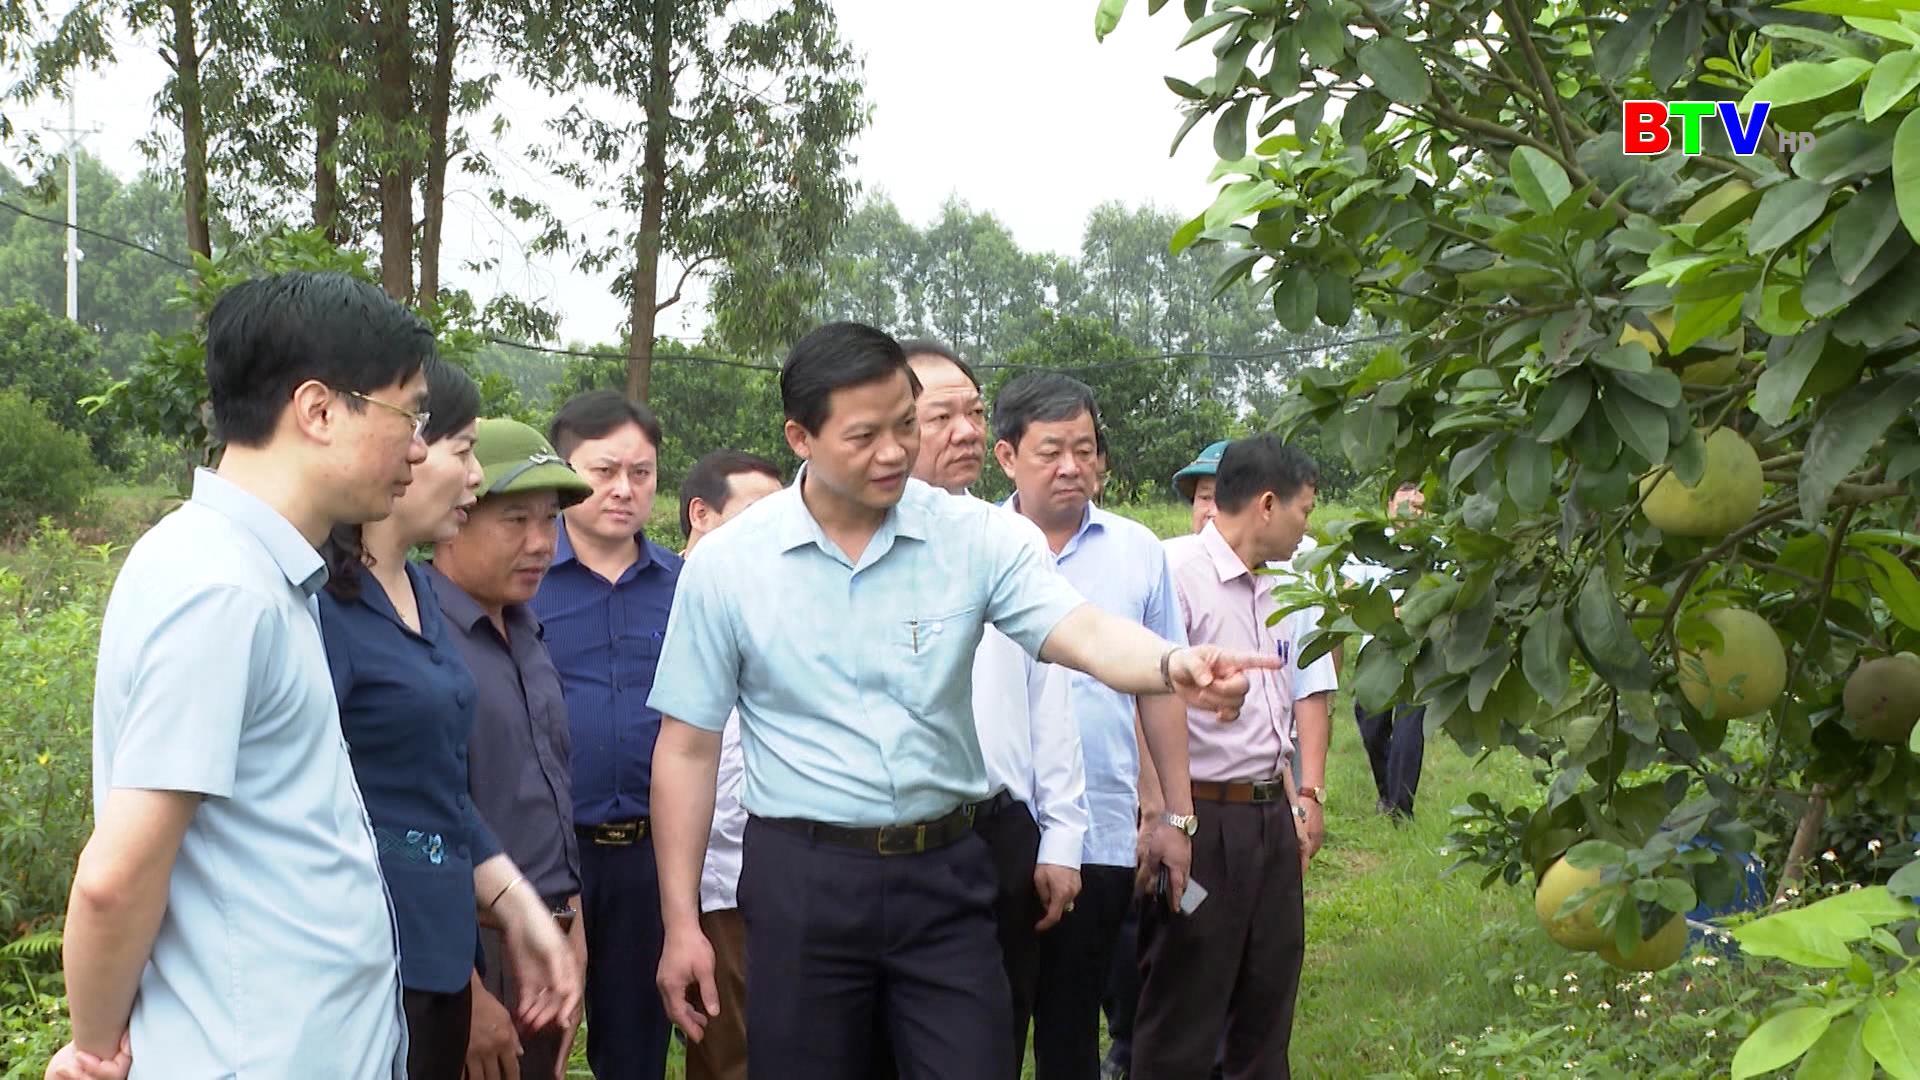 Phó Chủ tịch Thường trực UBND tỉnh thăm, khảo sát hoạt động trang trại